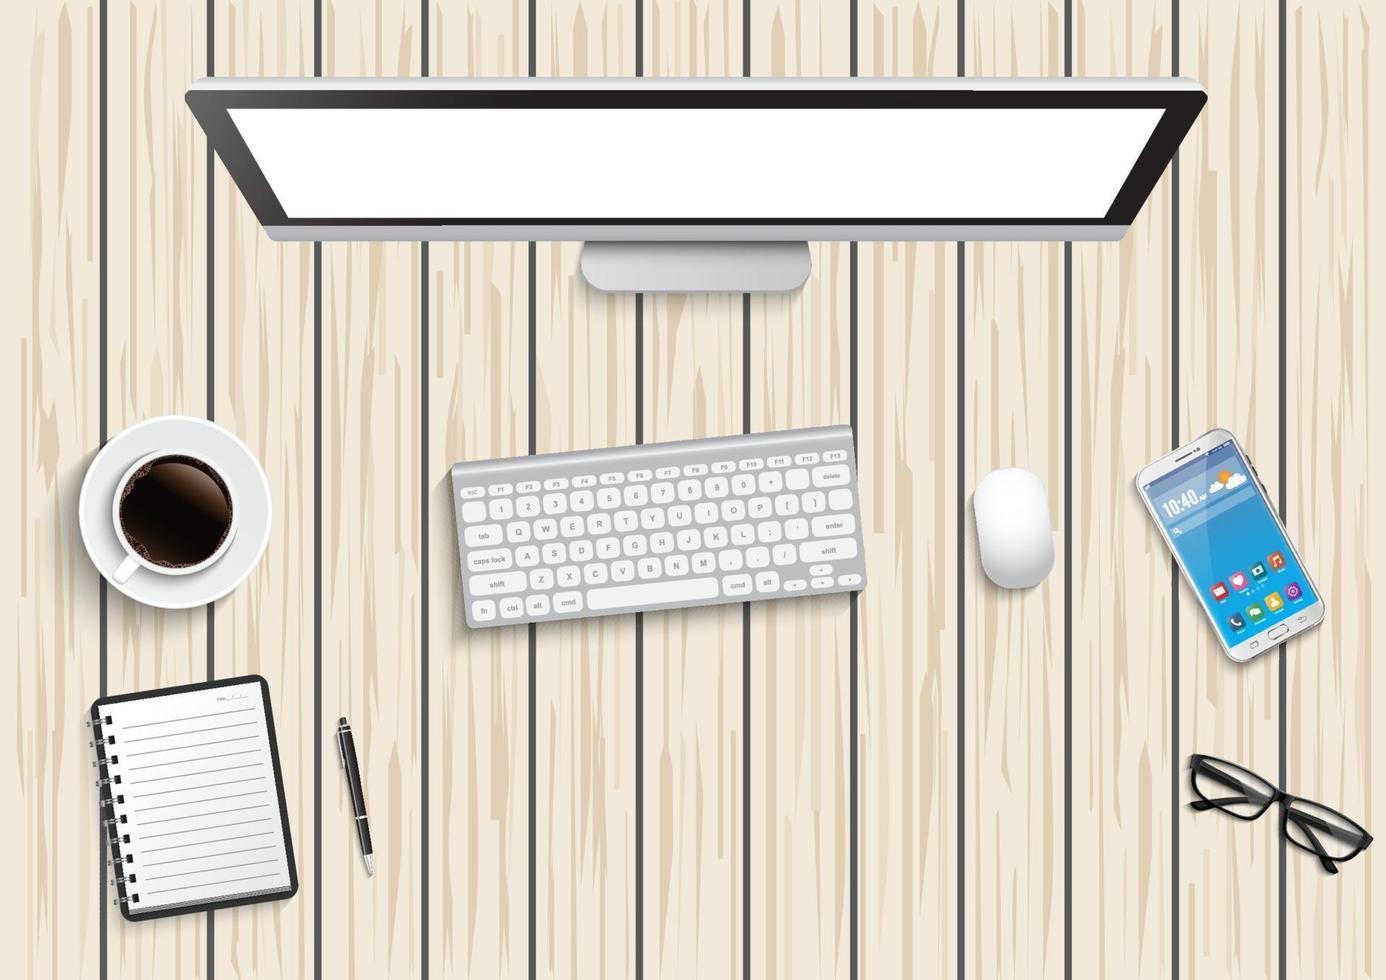 realistischer Arbeitsplatz Desktop. Draufsicht Schreibtisch Tisch. PC mit Tastatur, Smartphone, Brille, offene Notiz auf Holzschreibtisch. vektor